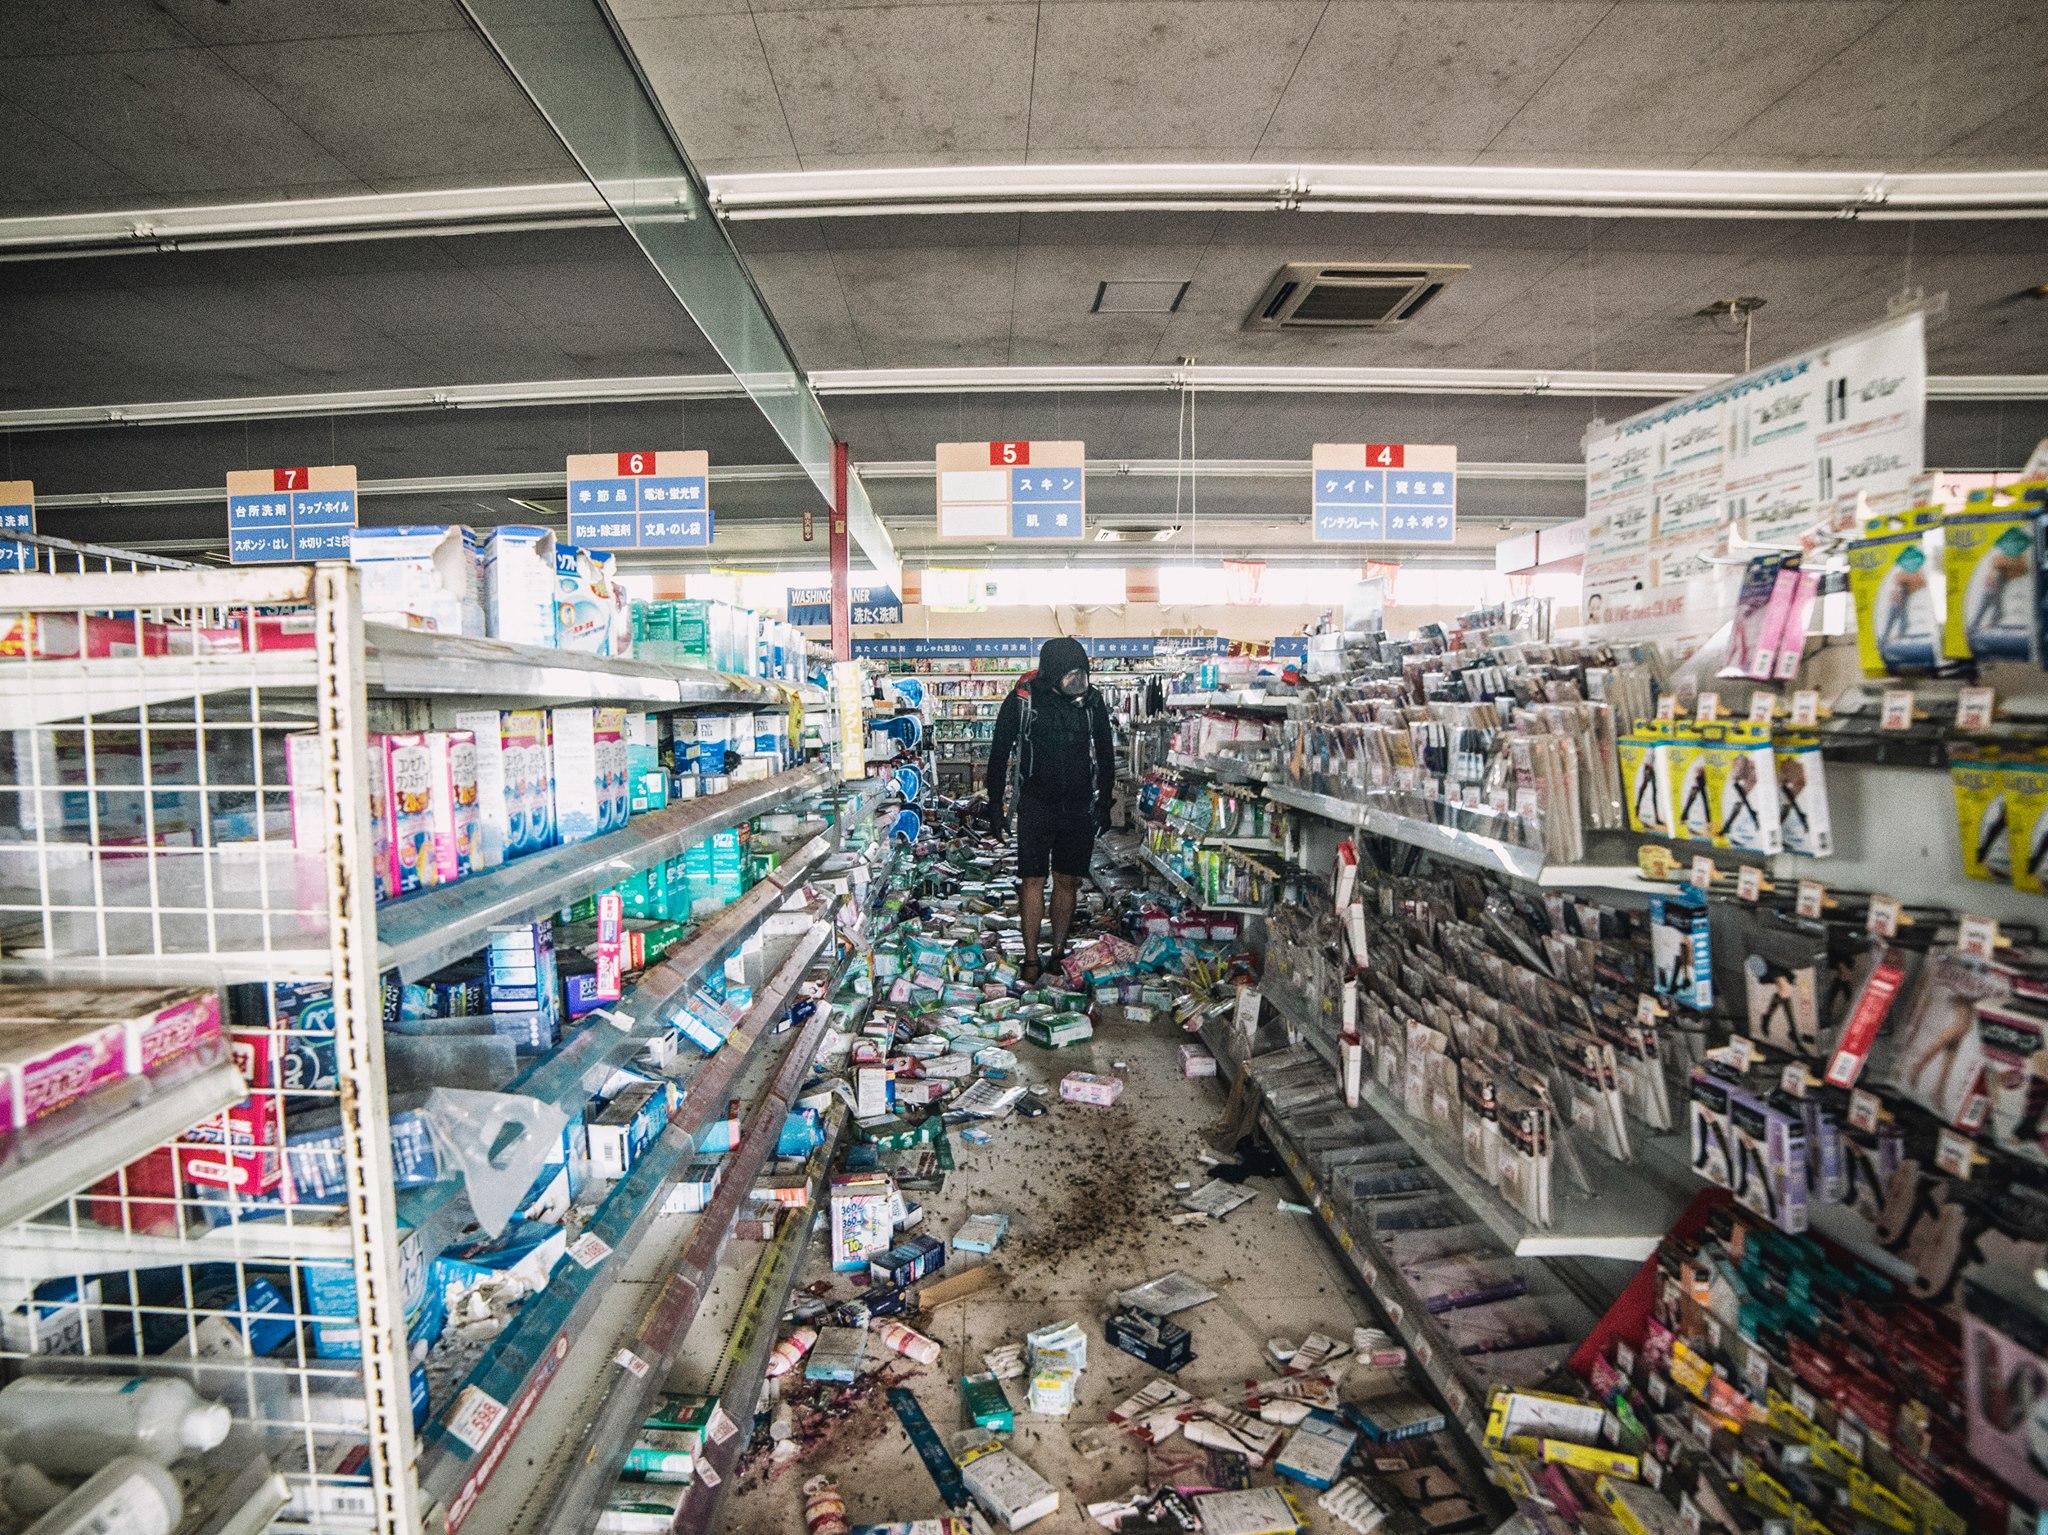 como es fukushima 5 años después del desastre 9